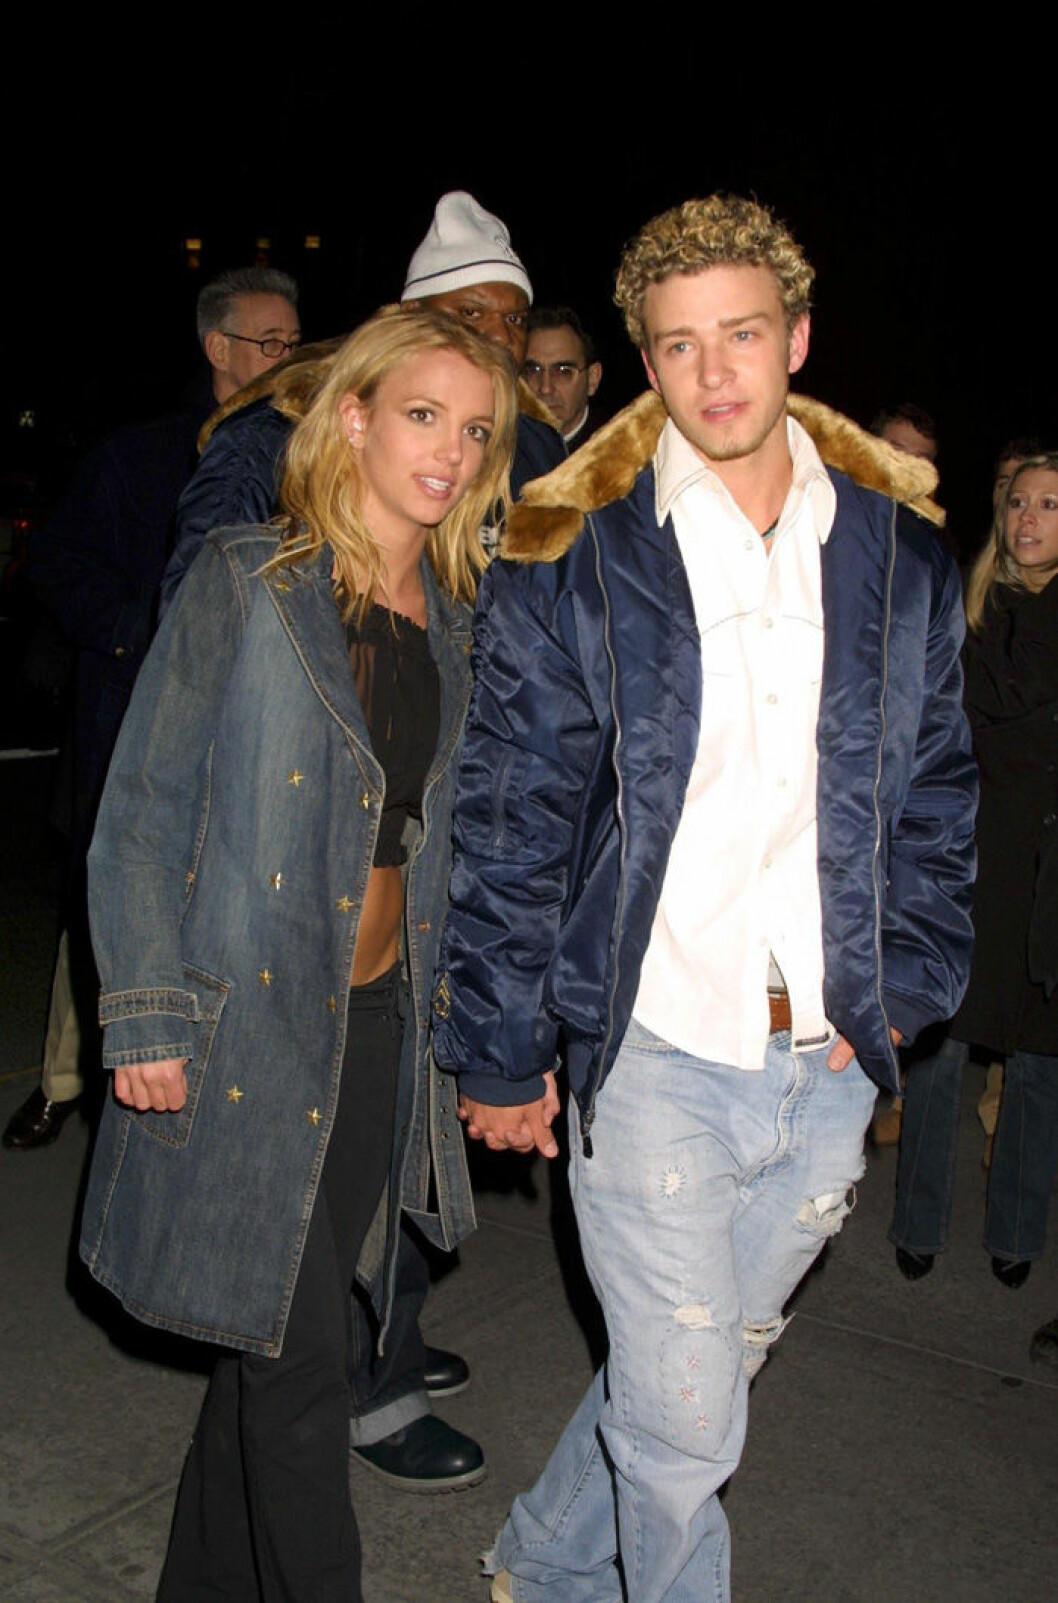 En bild på Britney Spears och Justin Timberlake 2002.